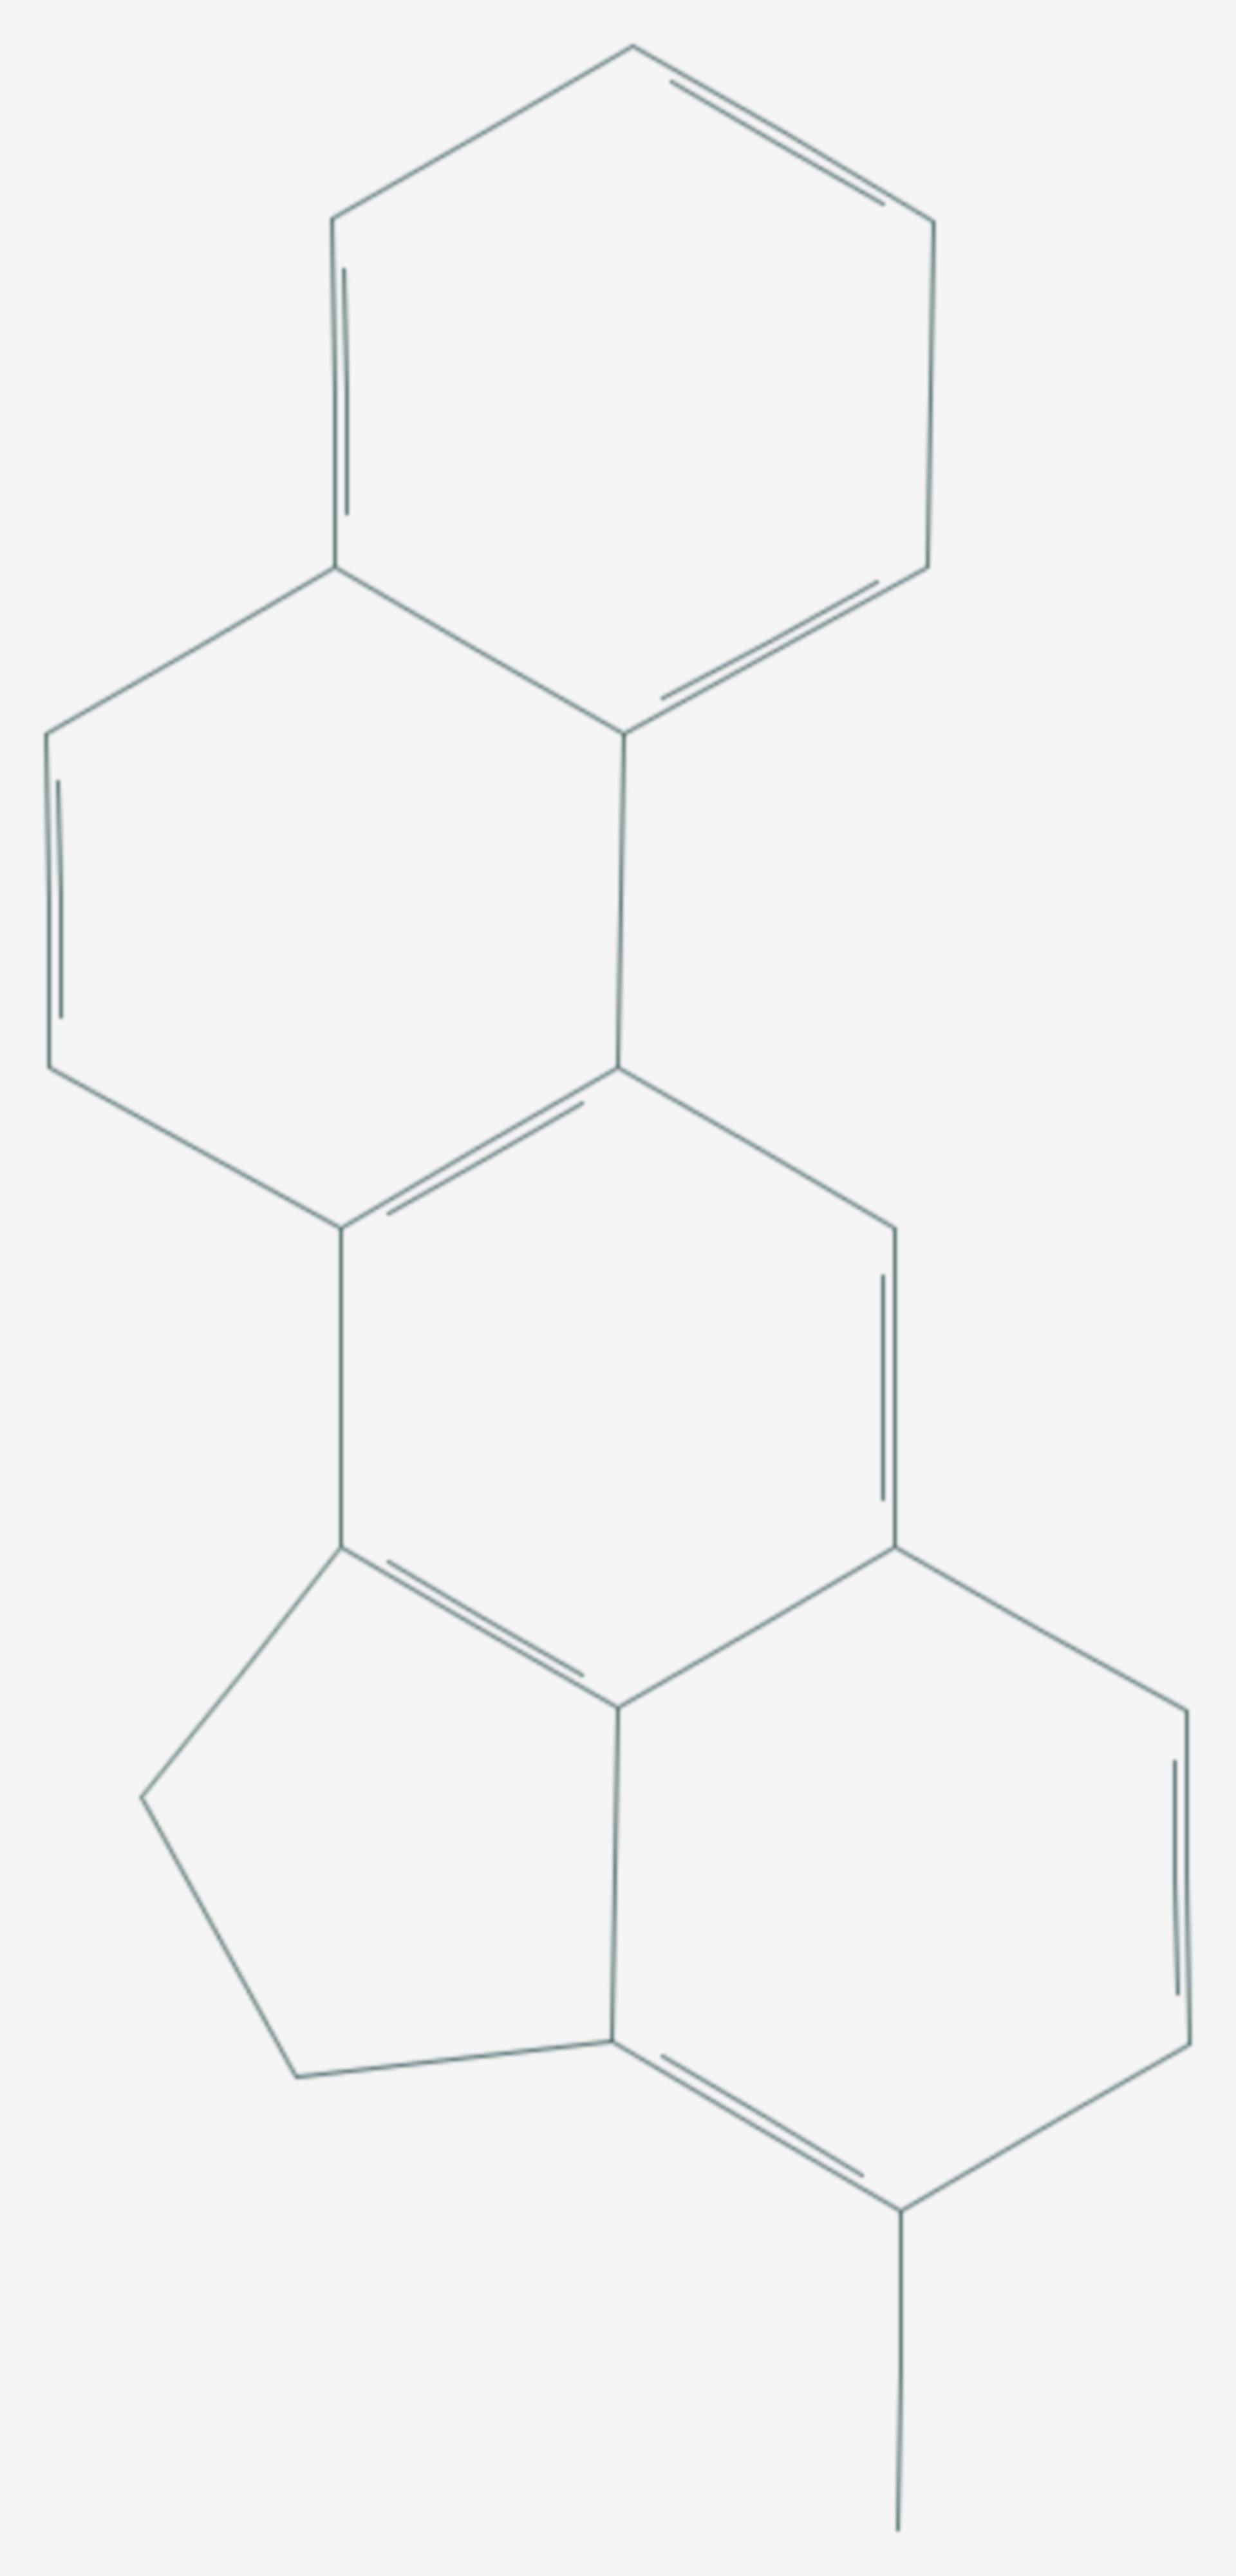 3-Methylcholanthren (Strukturformel)